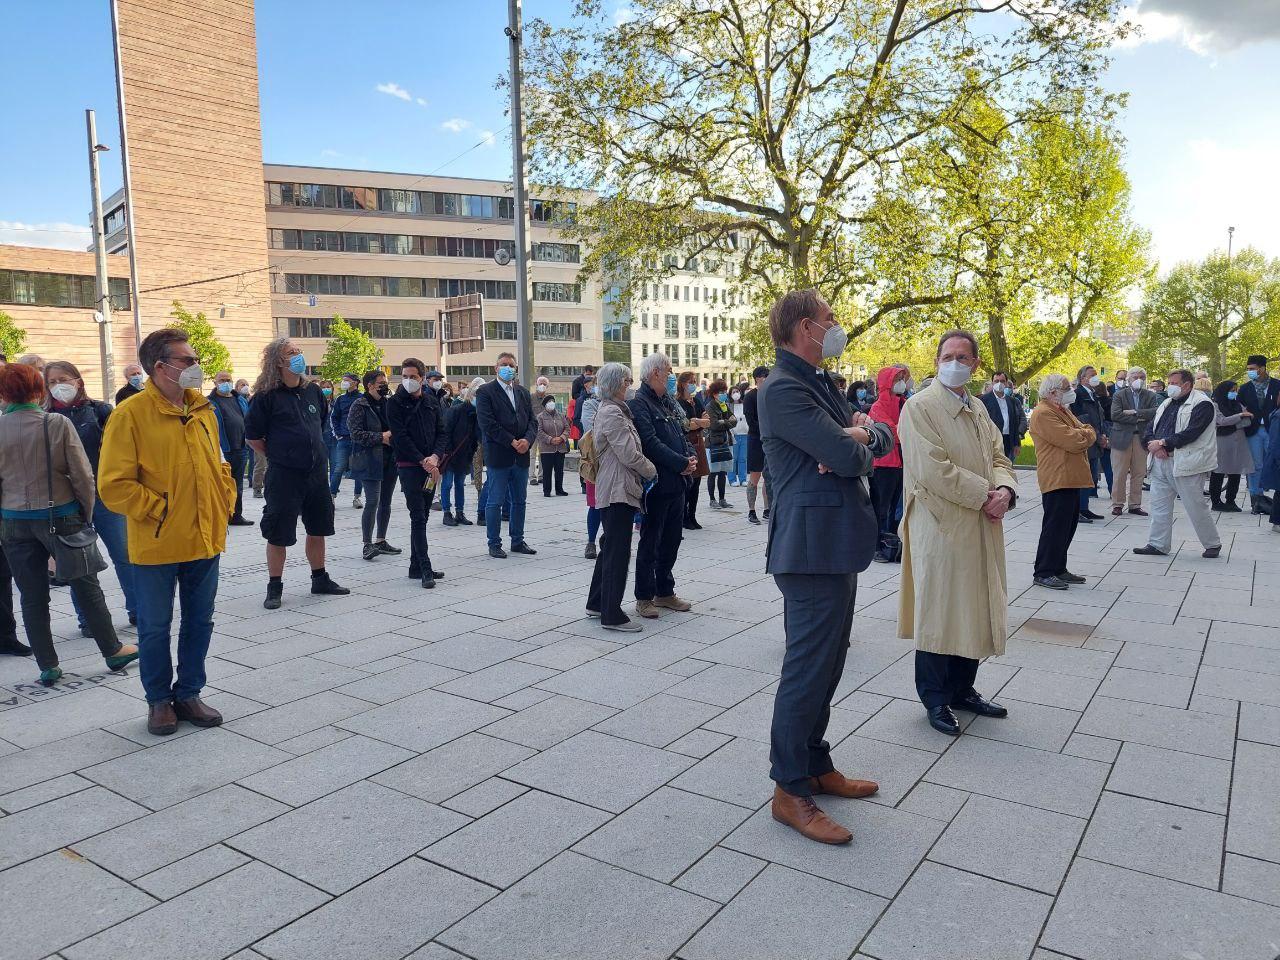 Küf Kaufmann bedankte sich für den Zuspruch in Leipzig nach den antisemitischen Vorfällen in vielen deutschen Städten. Foto: LZ